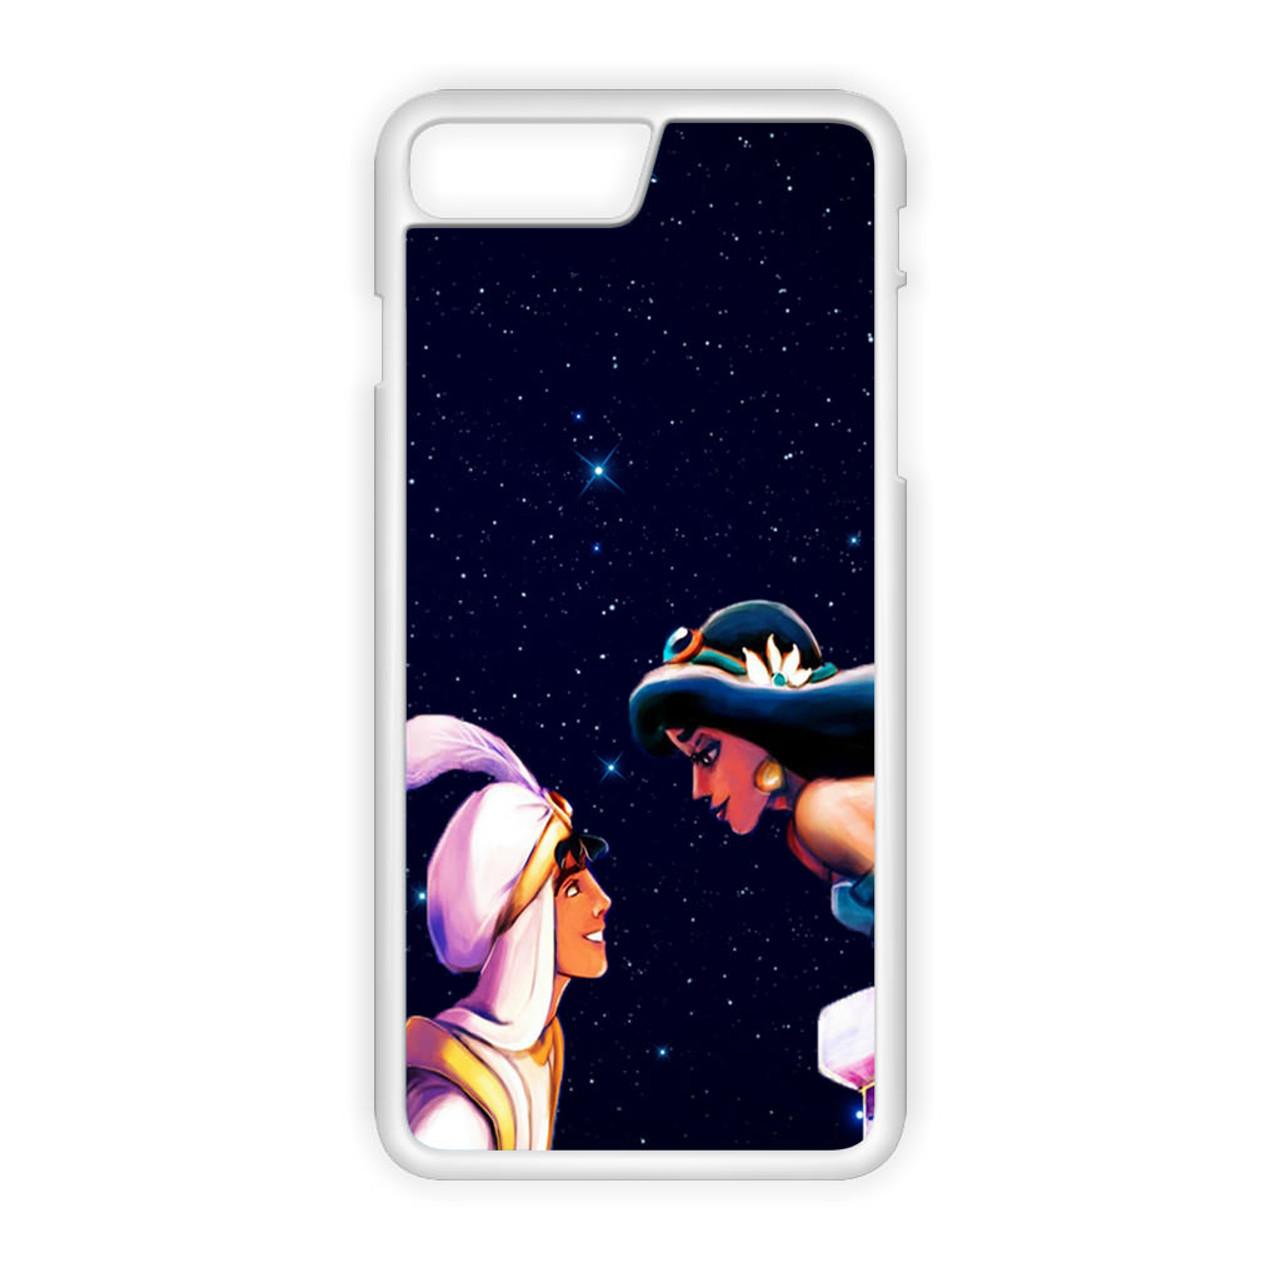 aladdin phone case iphone 8 plus